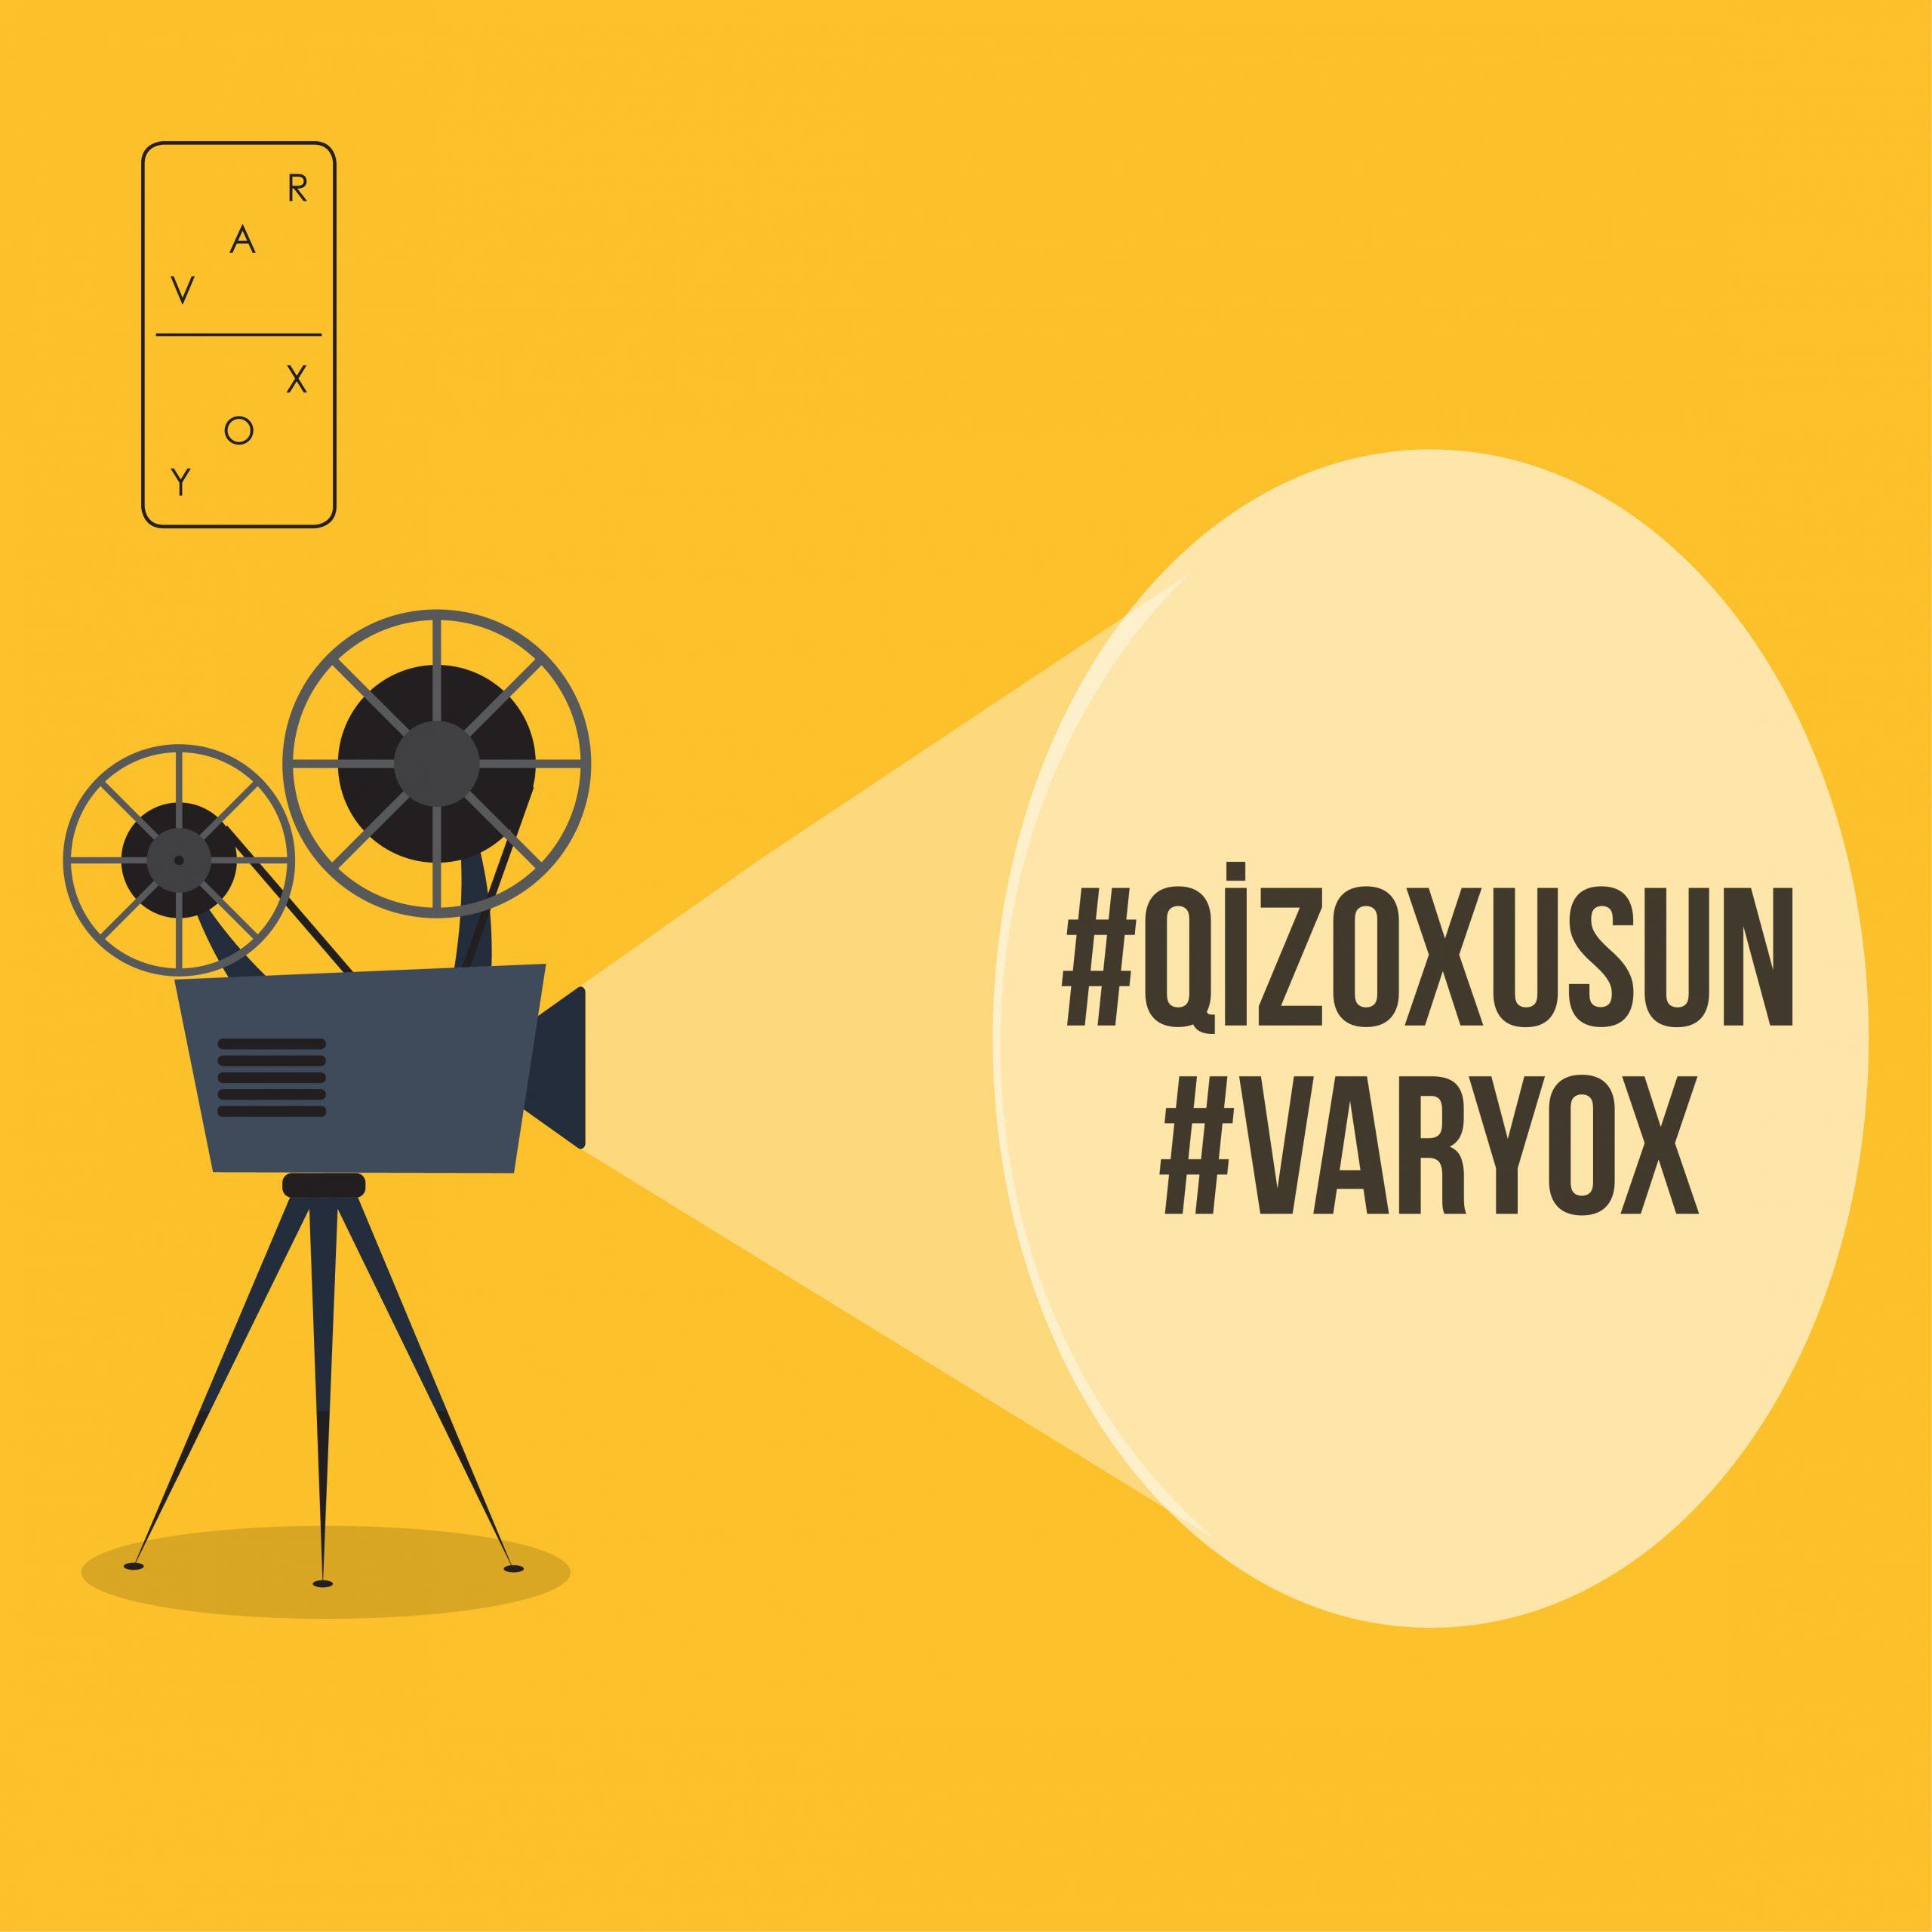 #QızOxusun – Ssenari yarışması